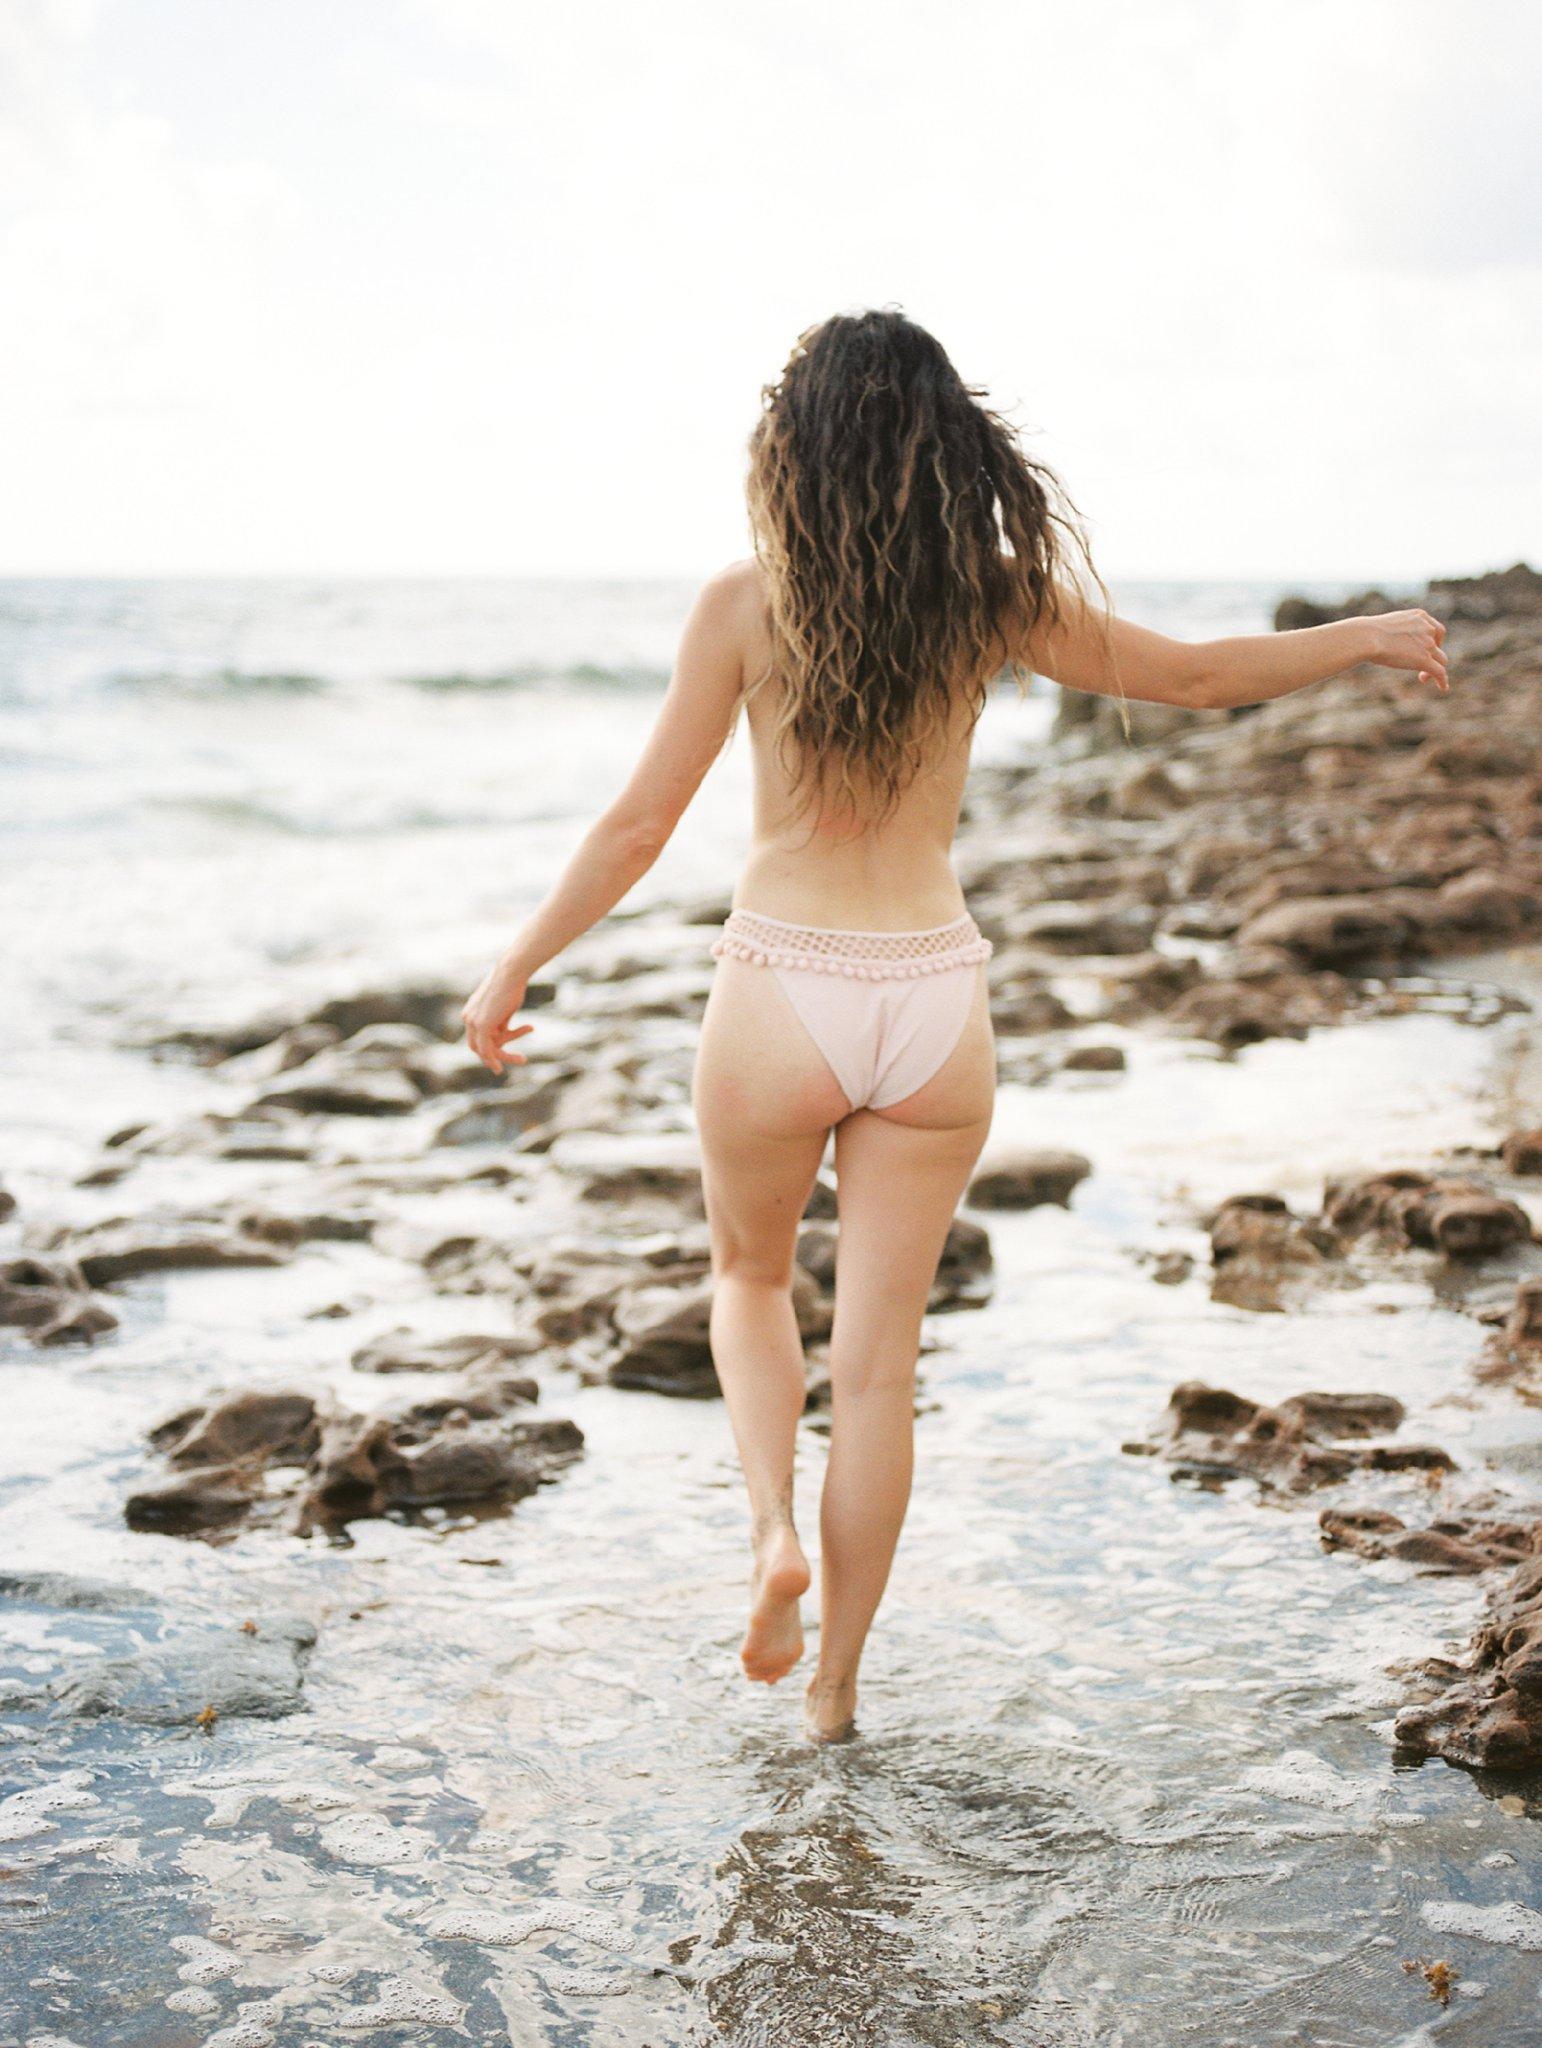 west palm beach boudoir photographer shannon griffin photography_0007.jpg